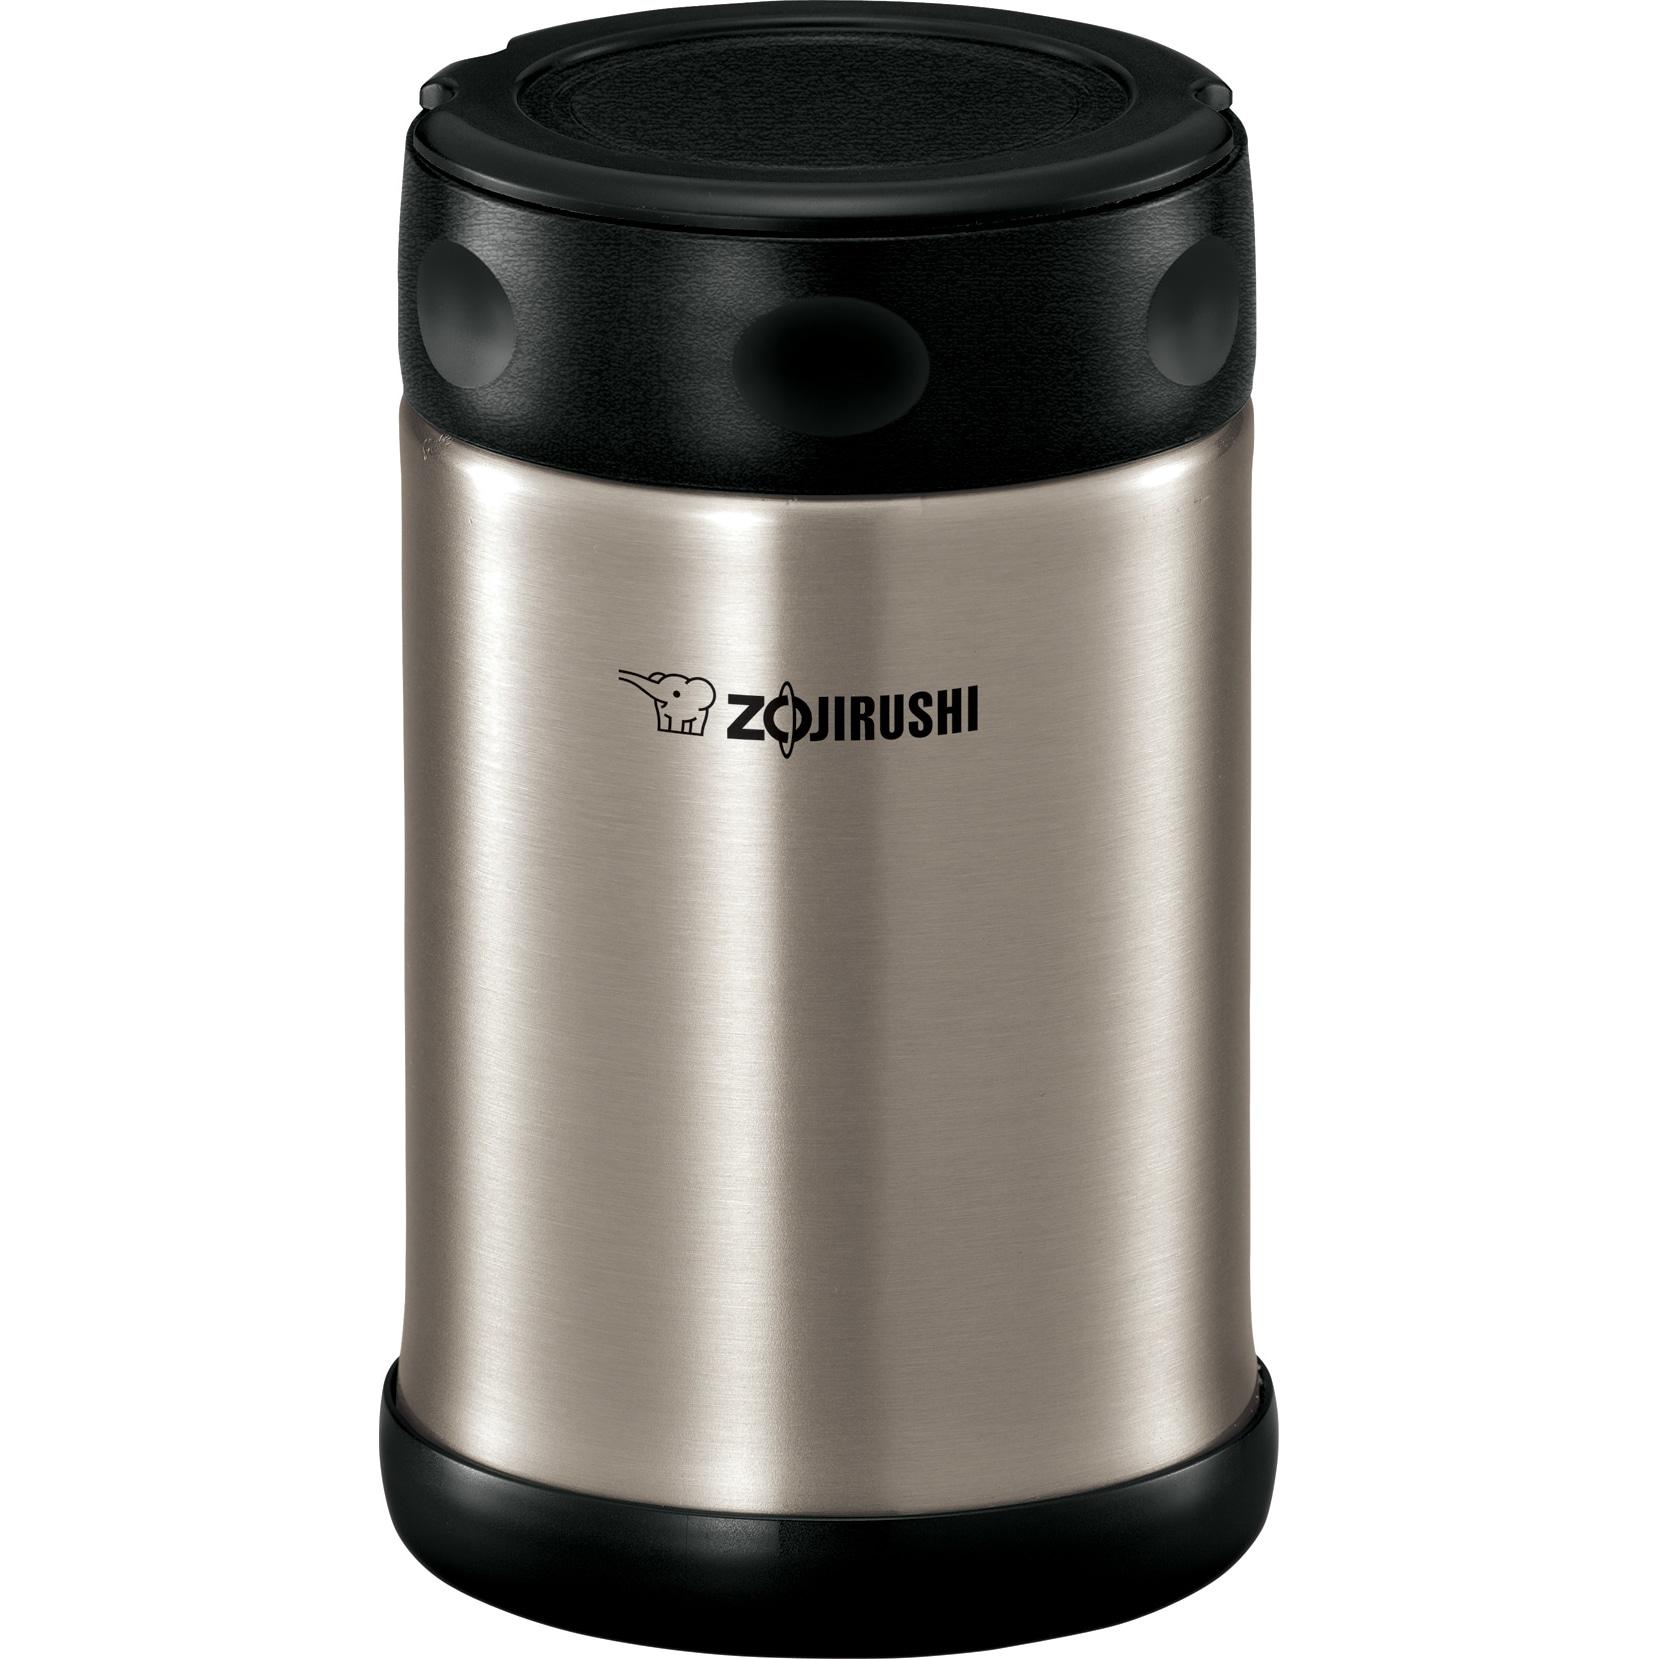 Zojirushi Stainless Steel Food Jar SW-EAE50 (Silver) (Metal)